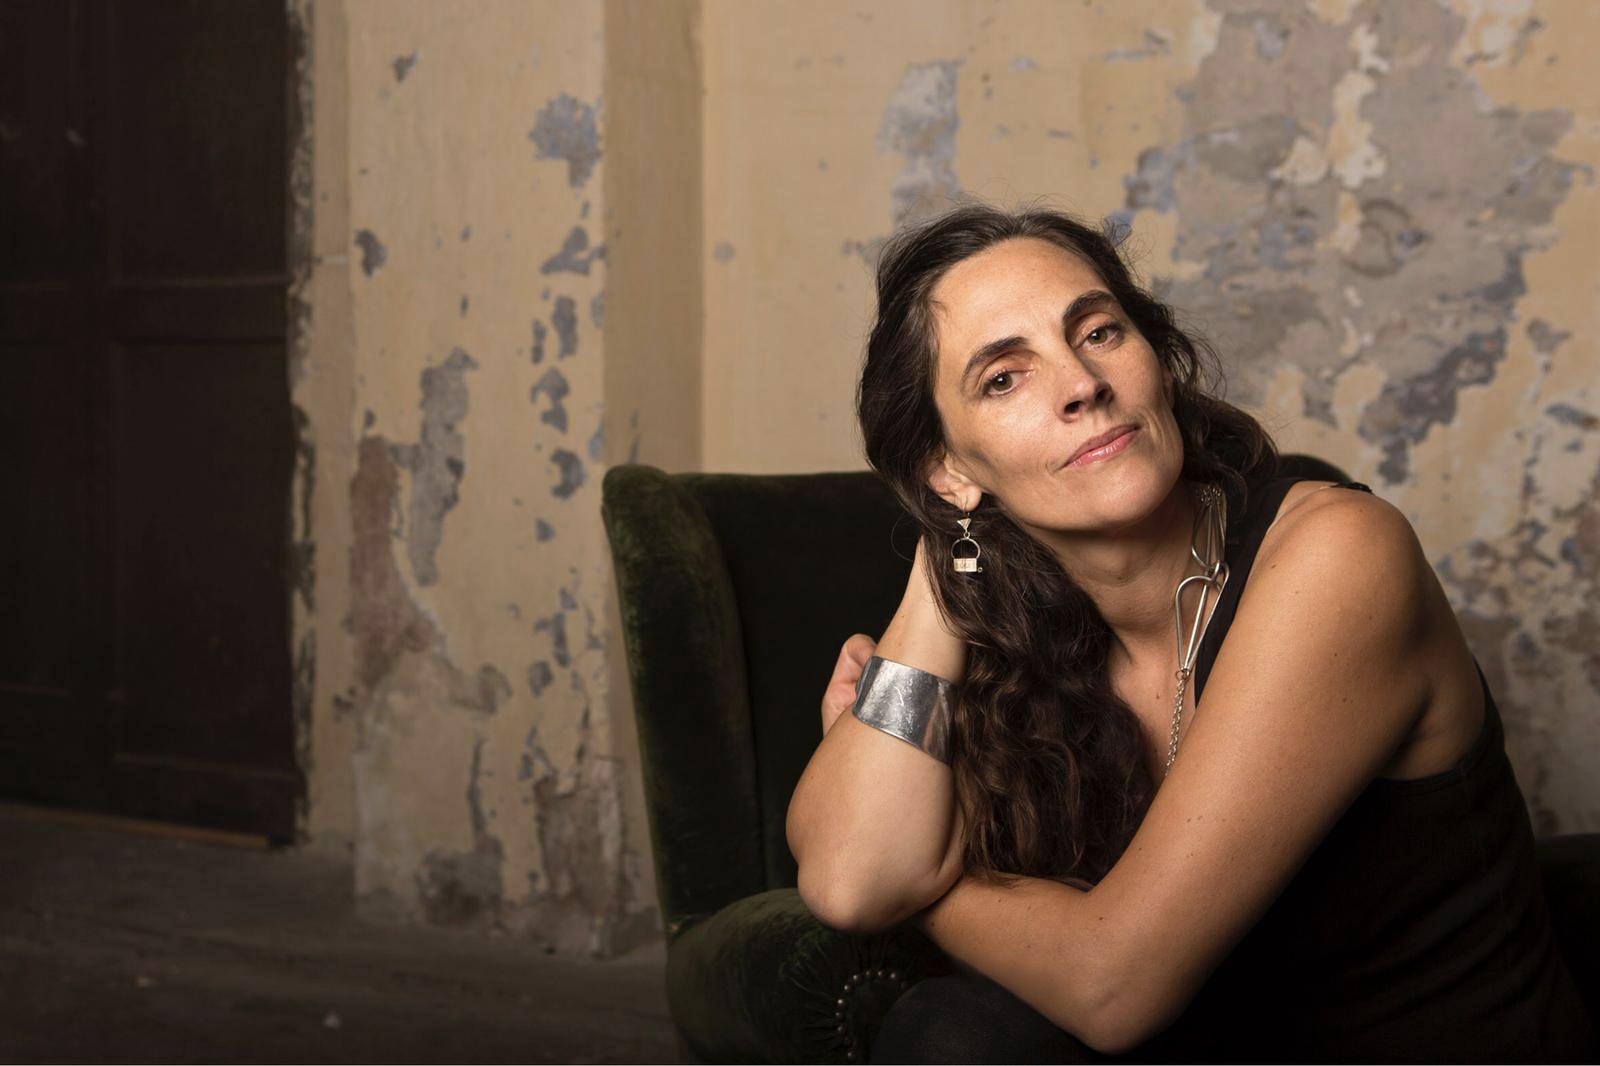 Ana Álvarez-Errecalde